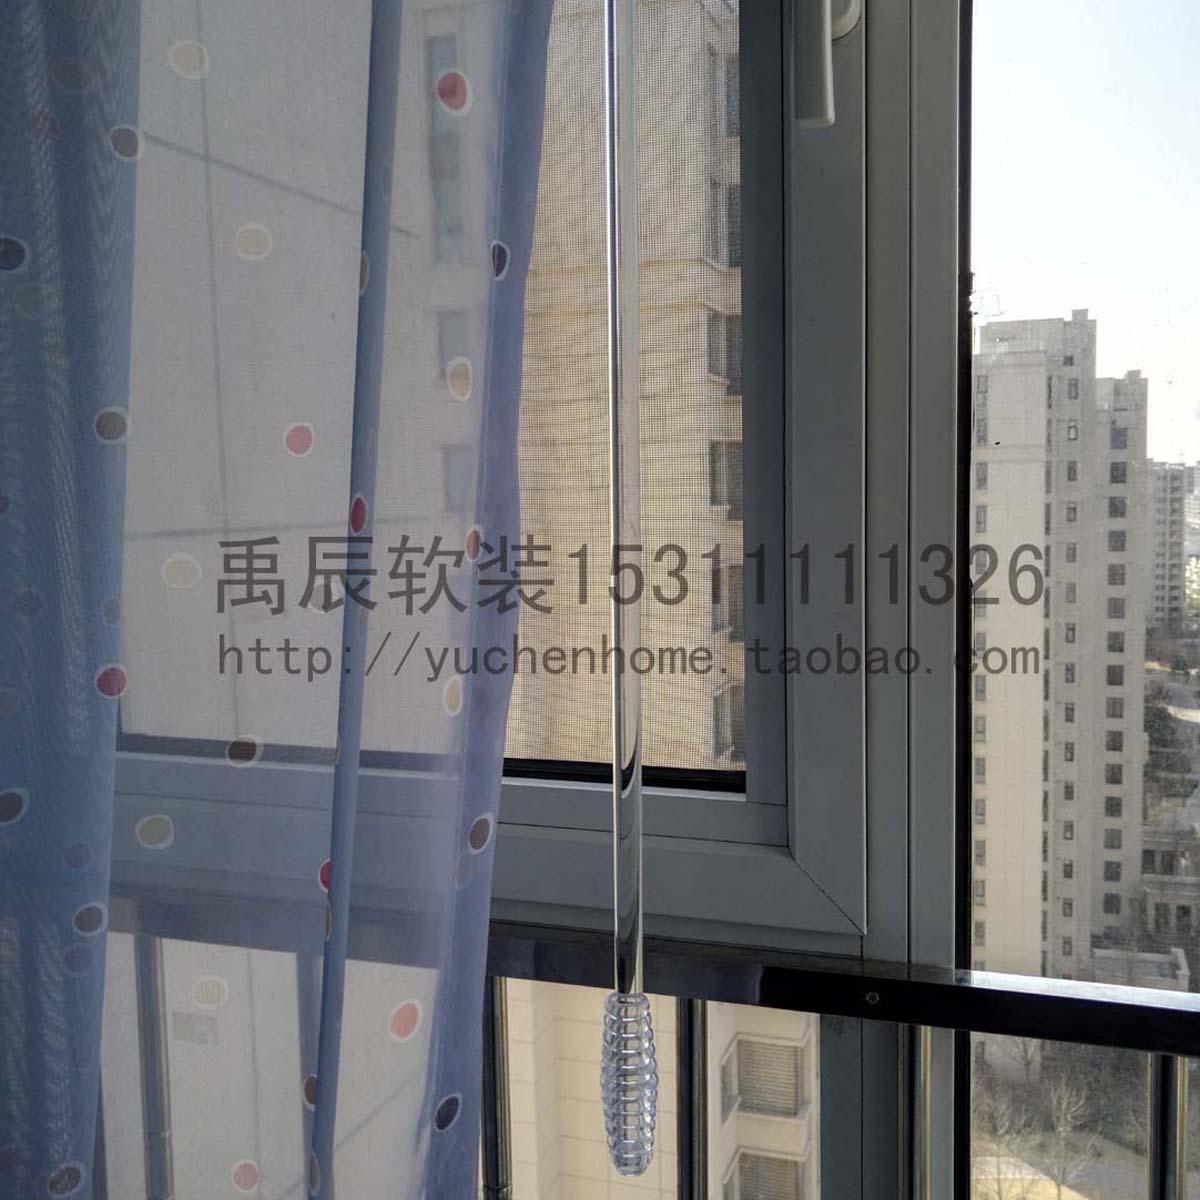 宾馆铁艺工程窗帘手拉杆铝合金家用窗帘拉杆加长手动拉棒2支免邮